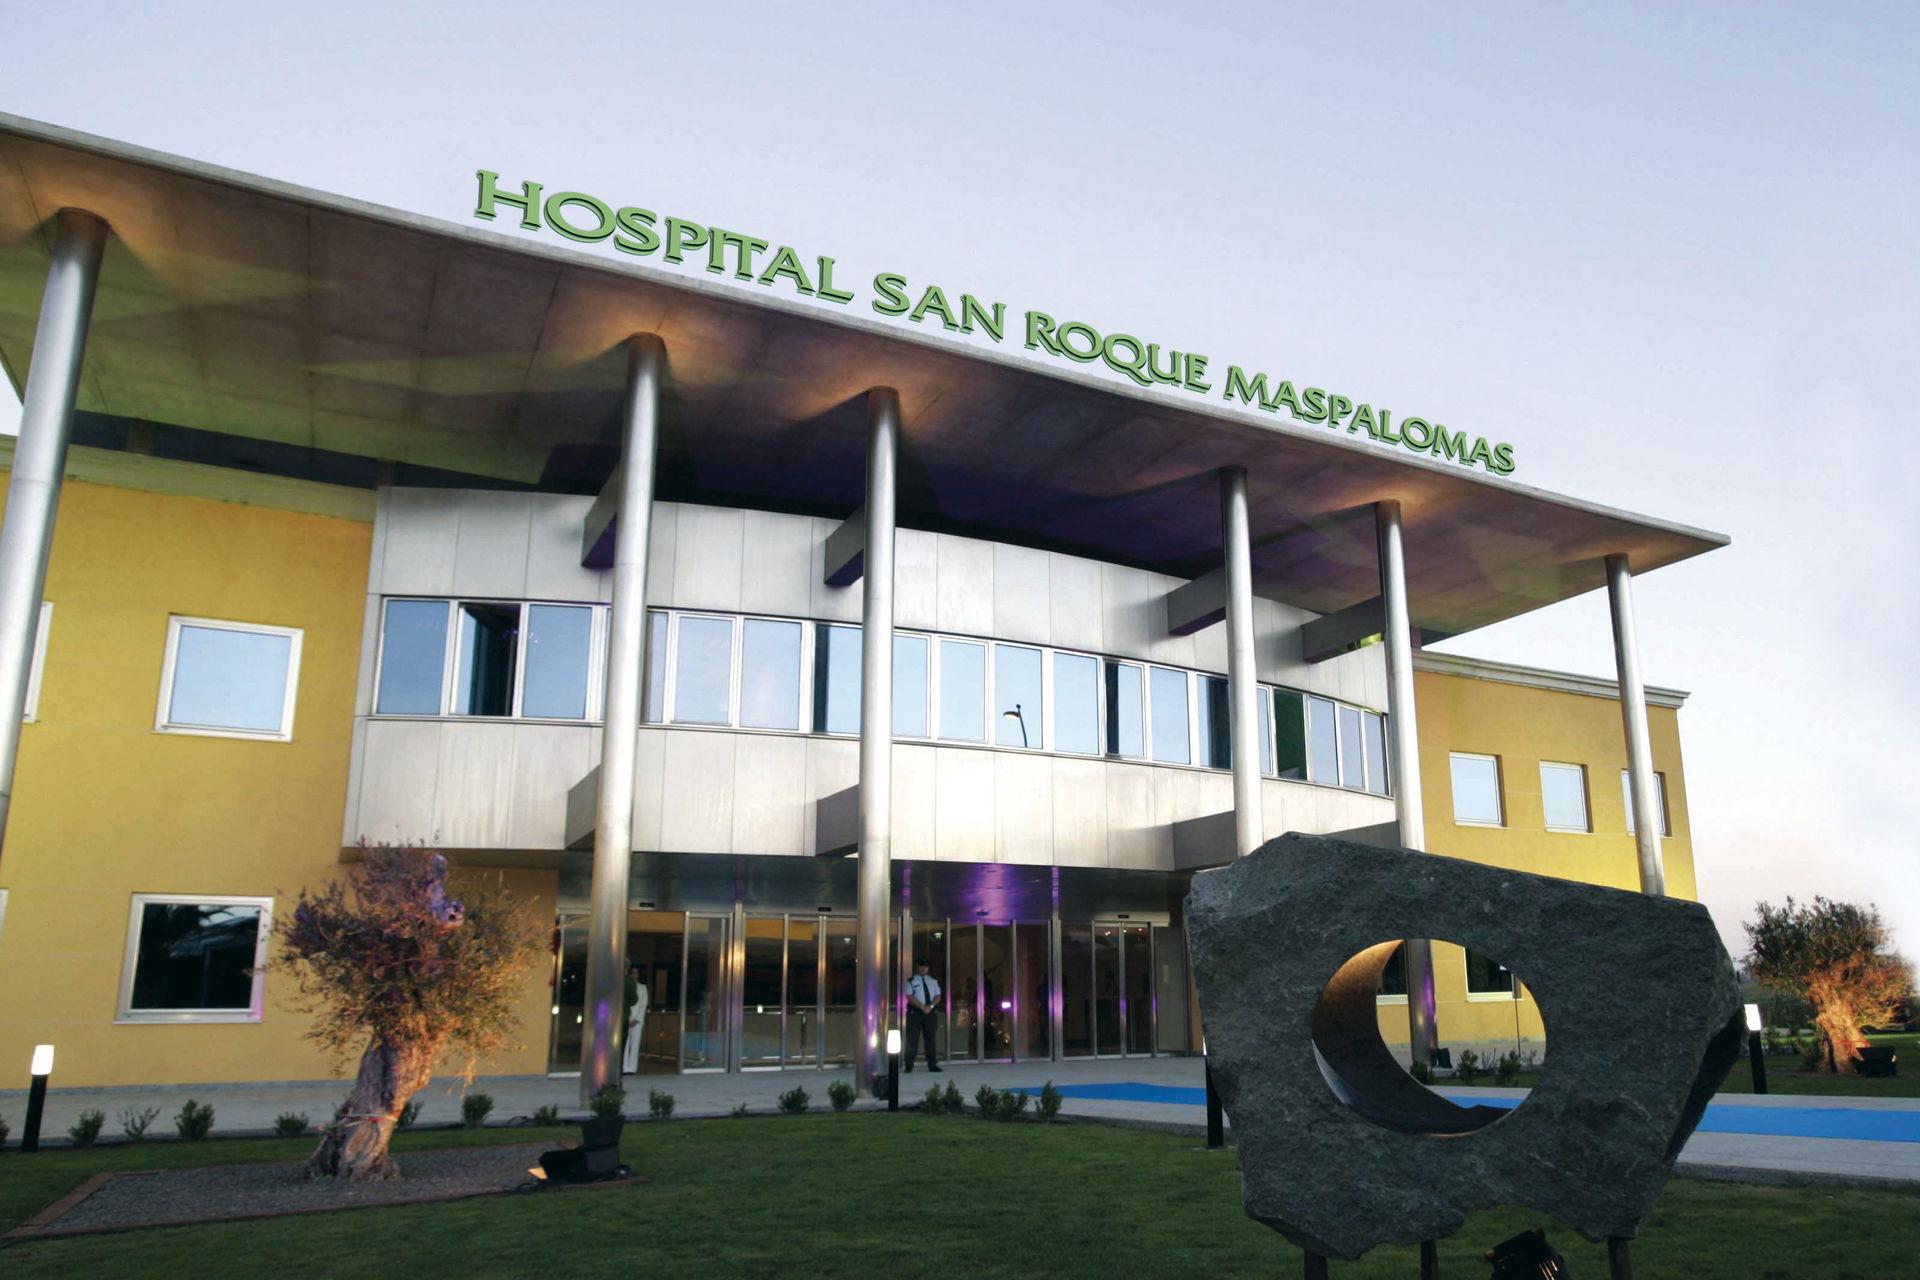 Hospitales Universitarios San Roque en Maspalomas